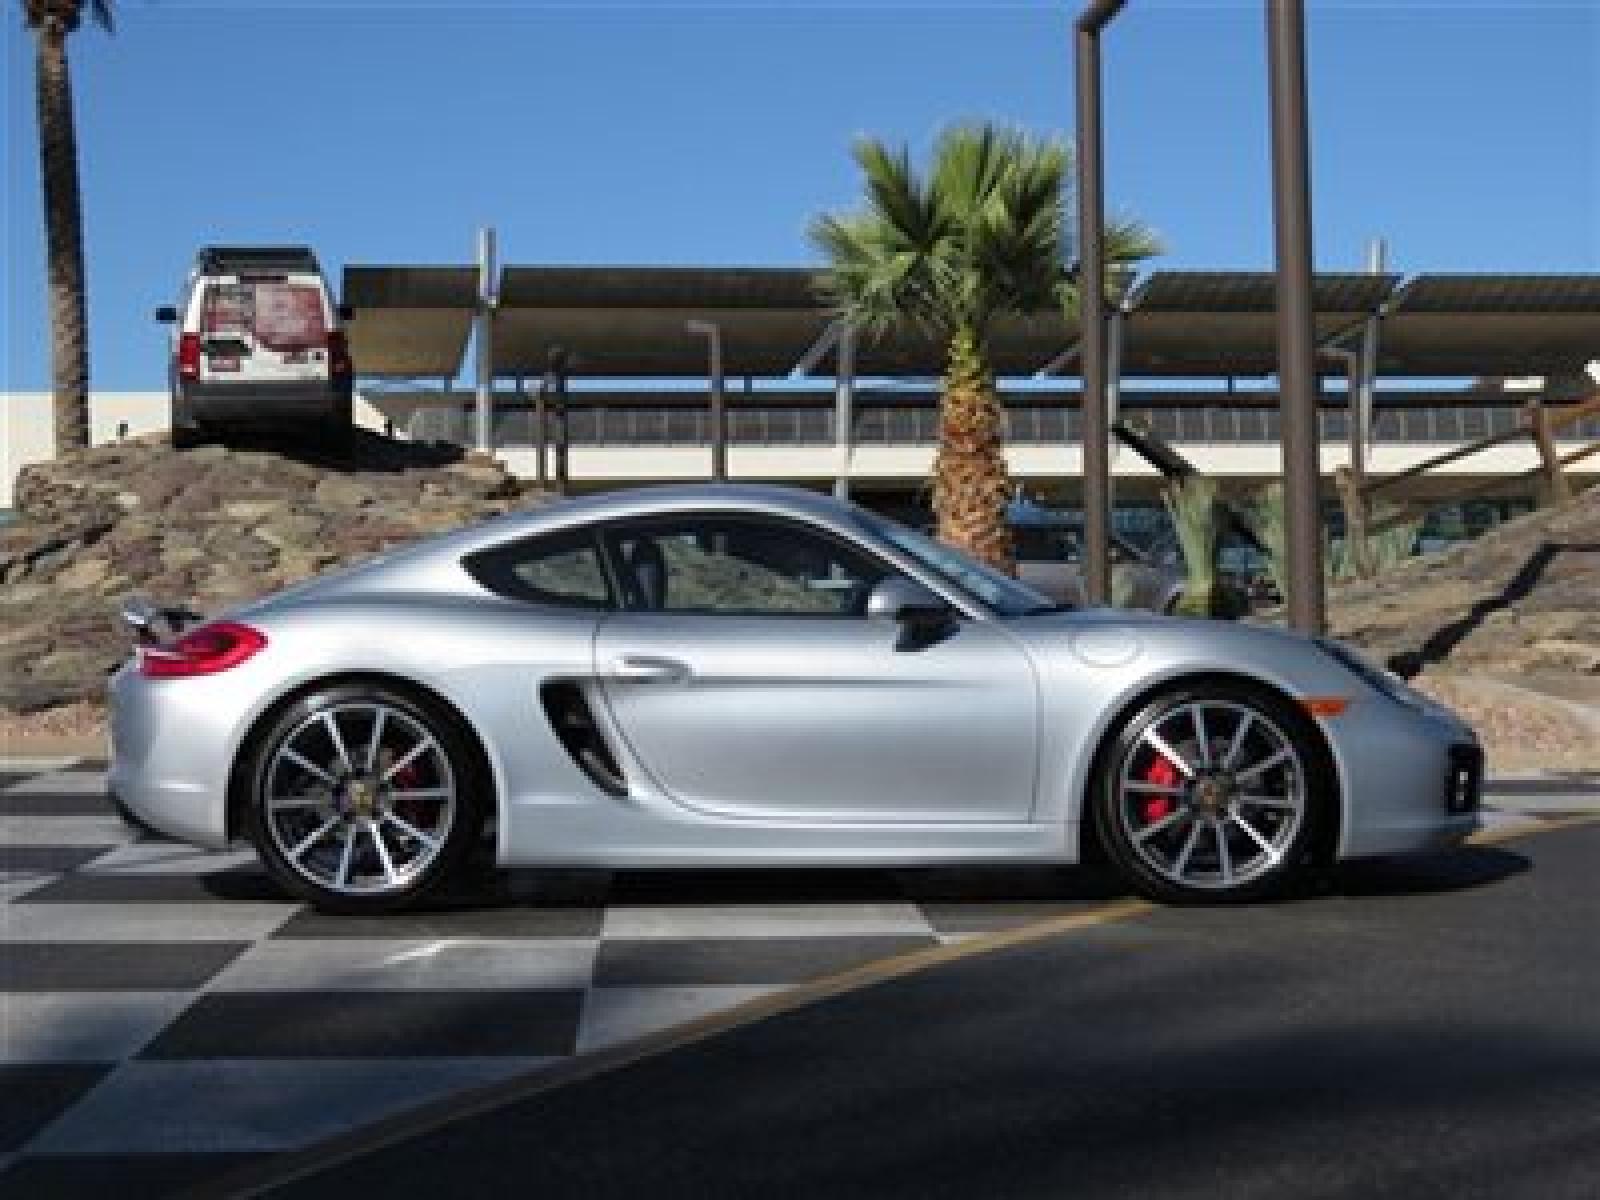 2015 porsche cayman 8 800 1024 1280 1600 origin - 2015 Porsche Cayman Silver